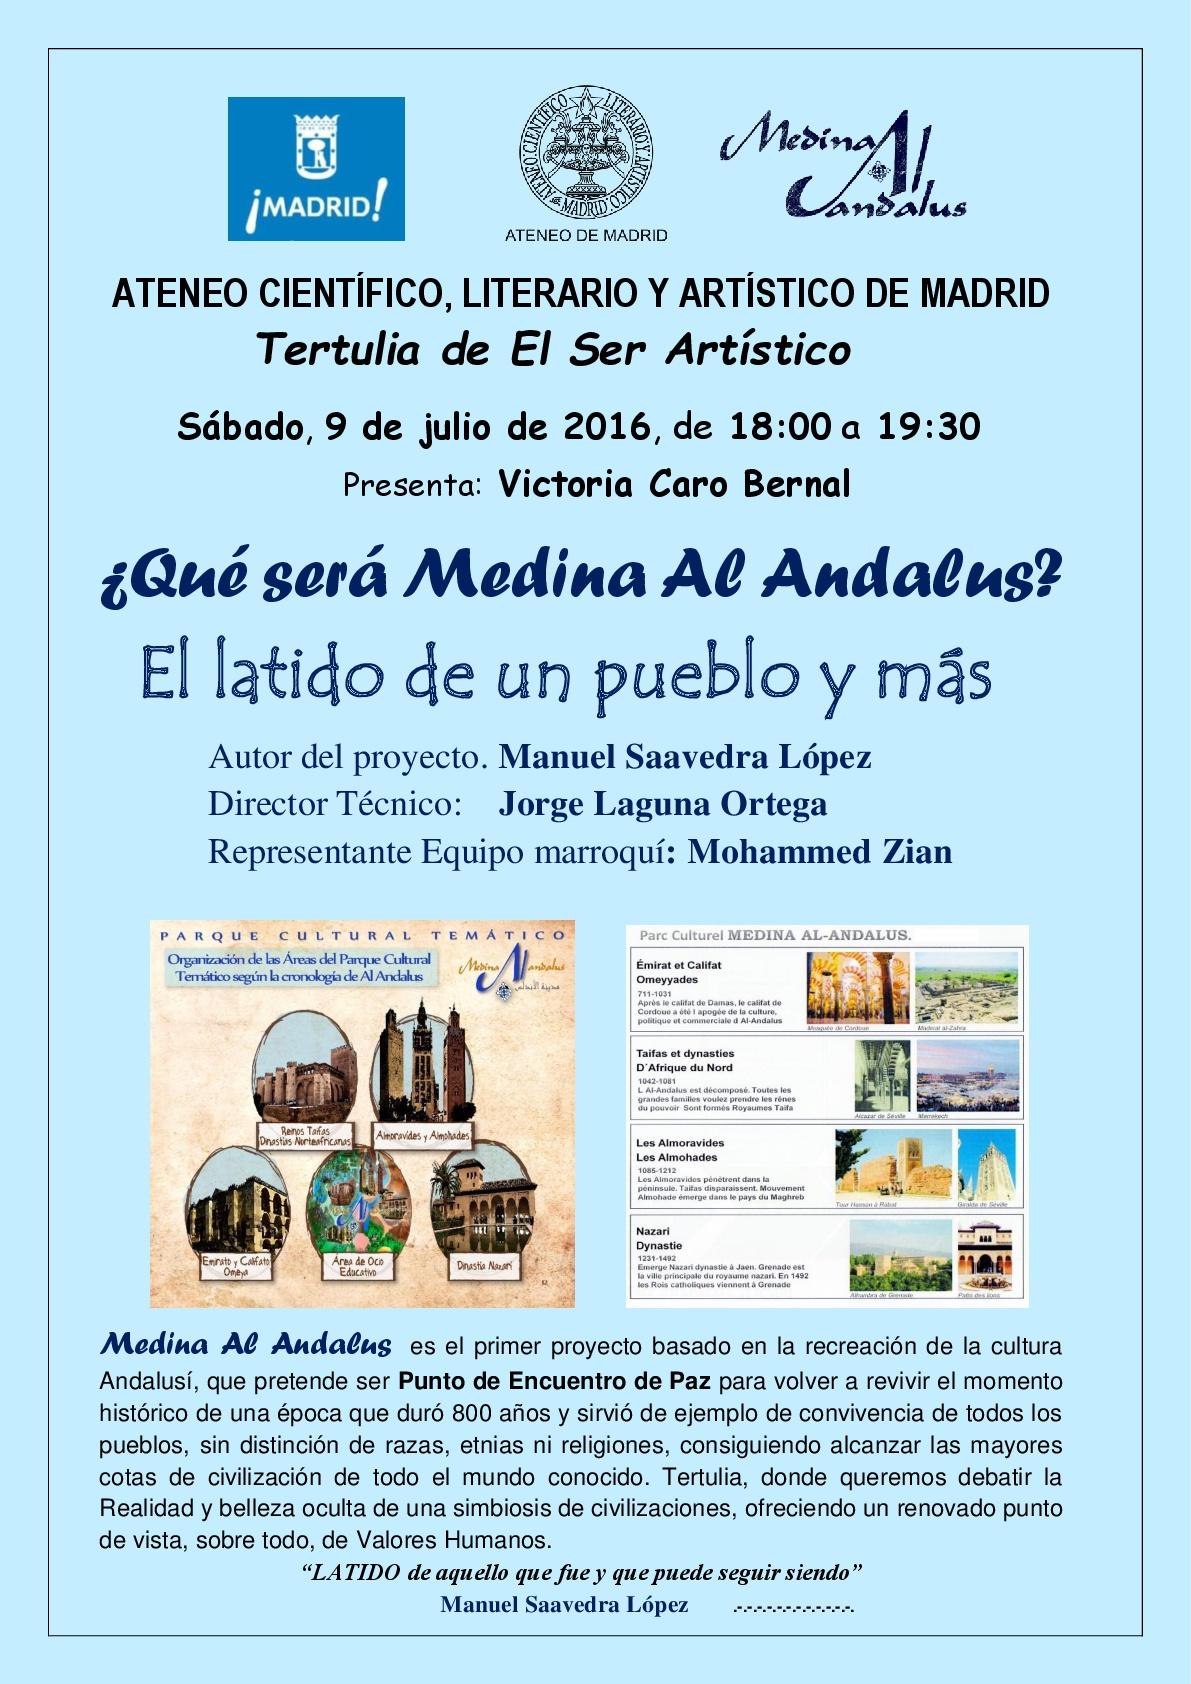 CARTEL AZUL ATENEO CIENTÍFICO MEDINA AL ANDALUS 29 6 16 AZUL-001